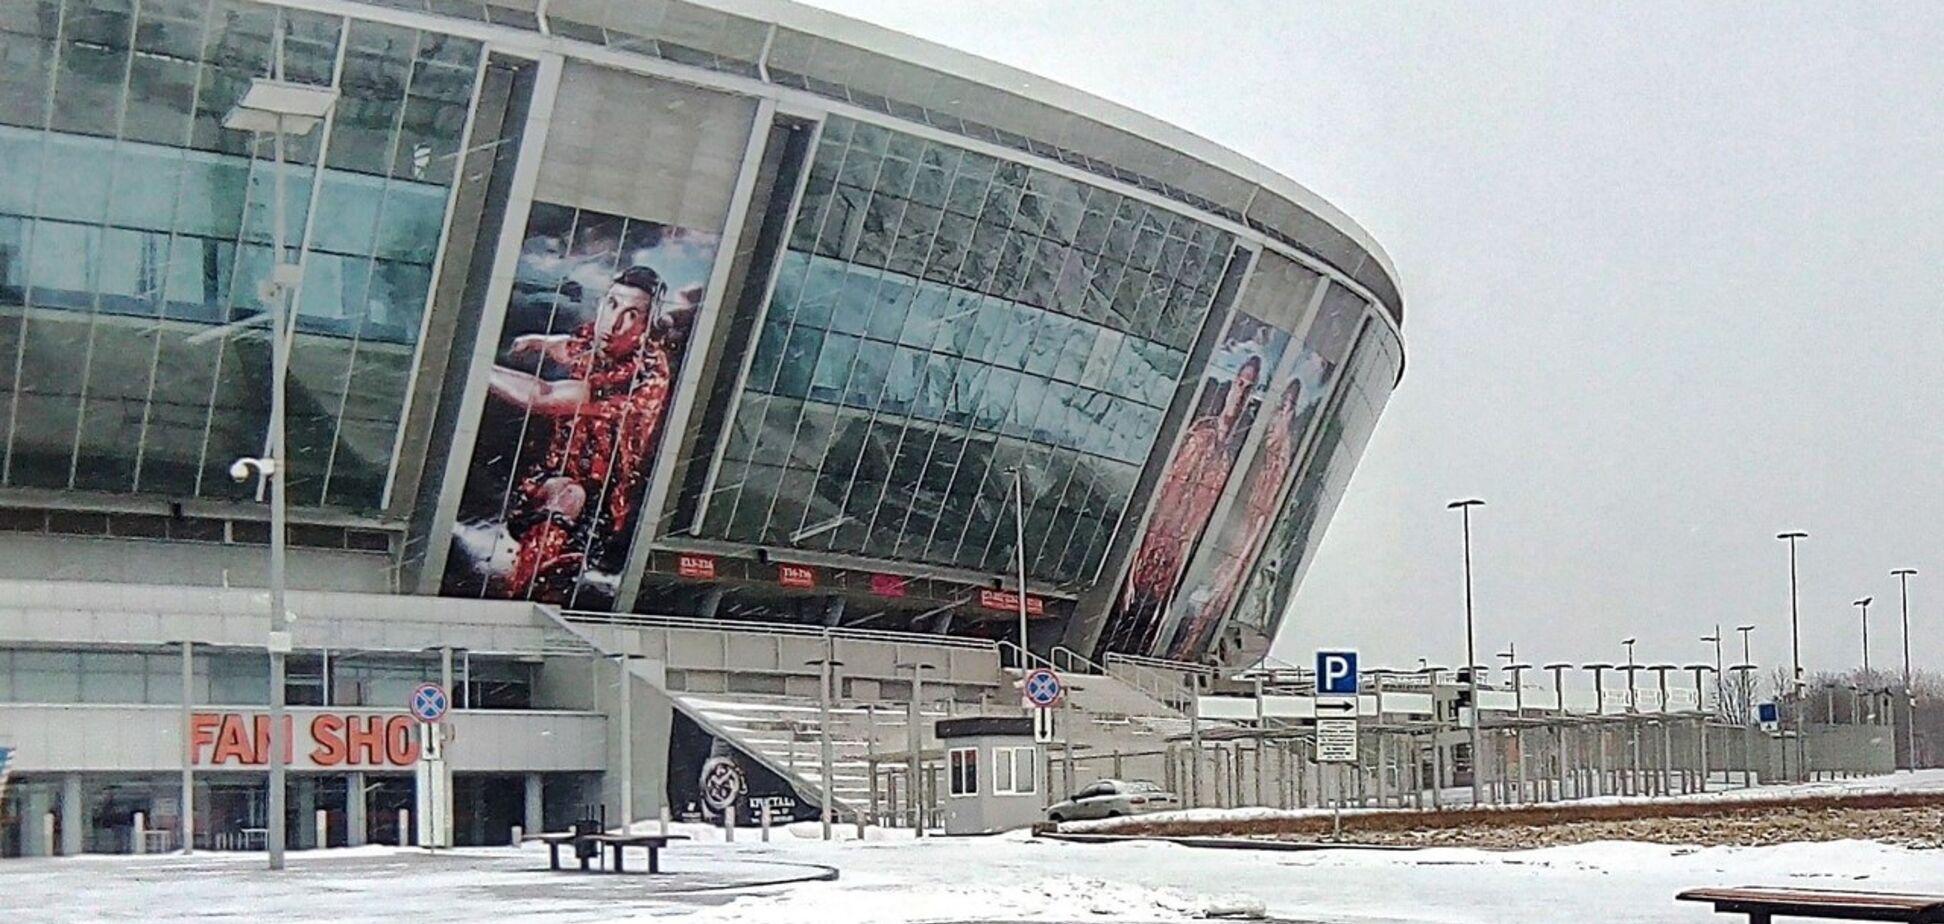 'До слез': в Донецке впали в отчаяние из-за 'Донбасс Арены' - появились фото стадиона